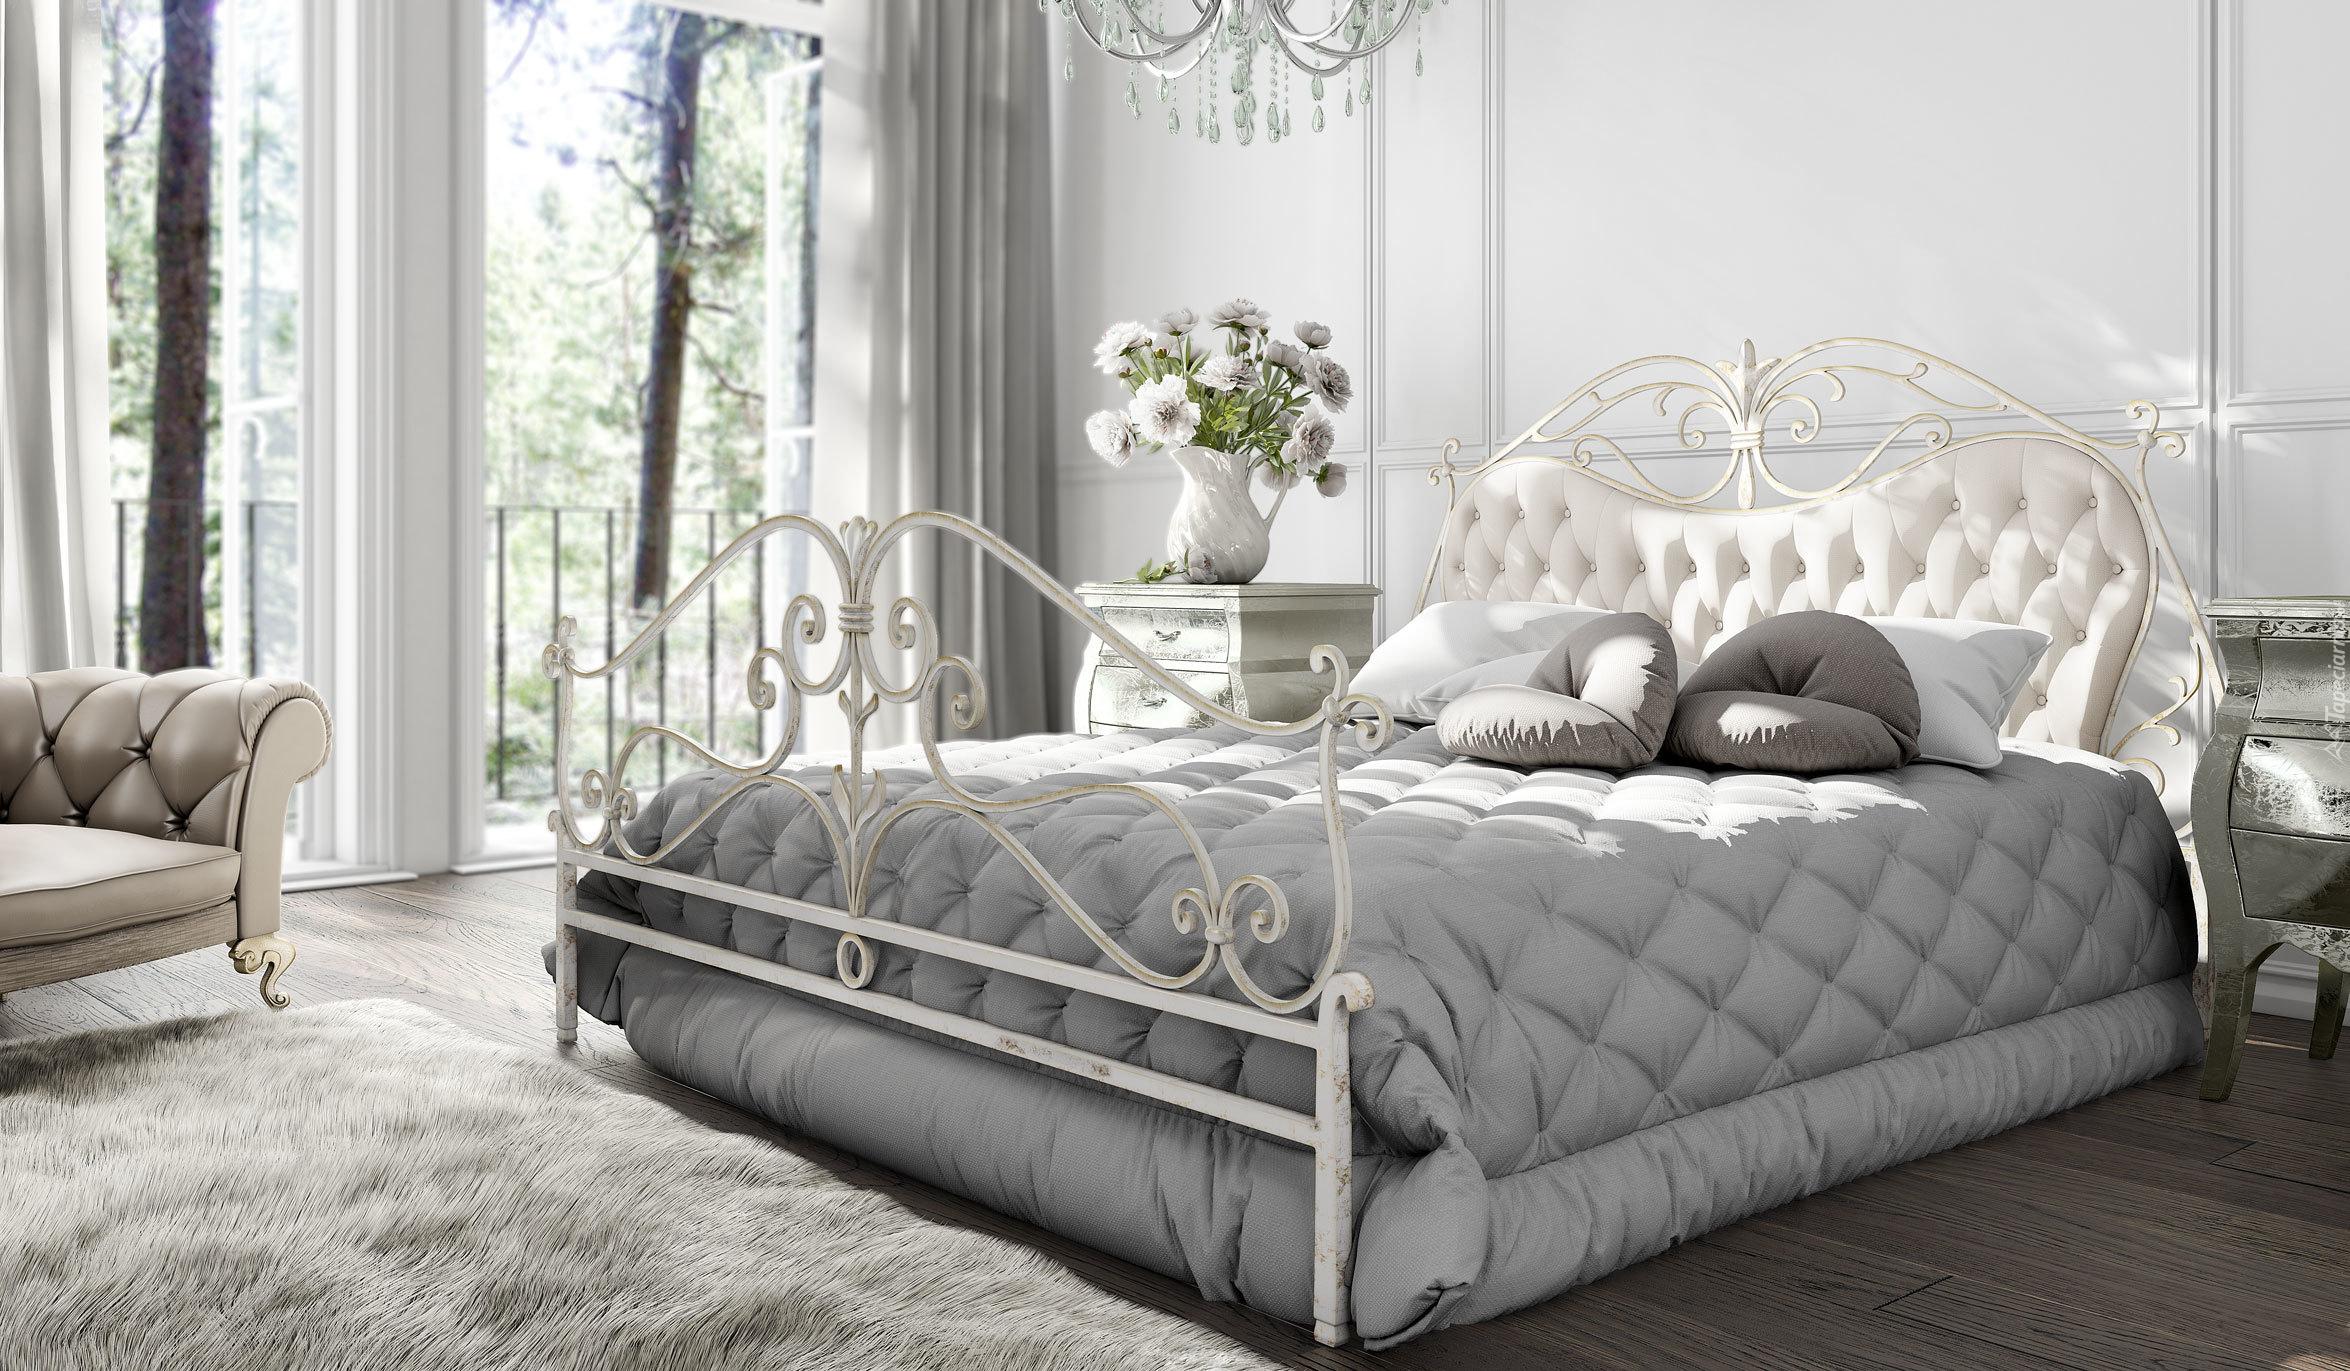 Pokój Sypialny Z Dużym łóżkiem